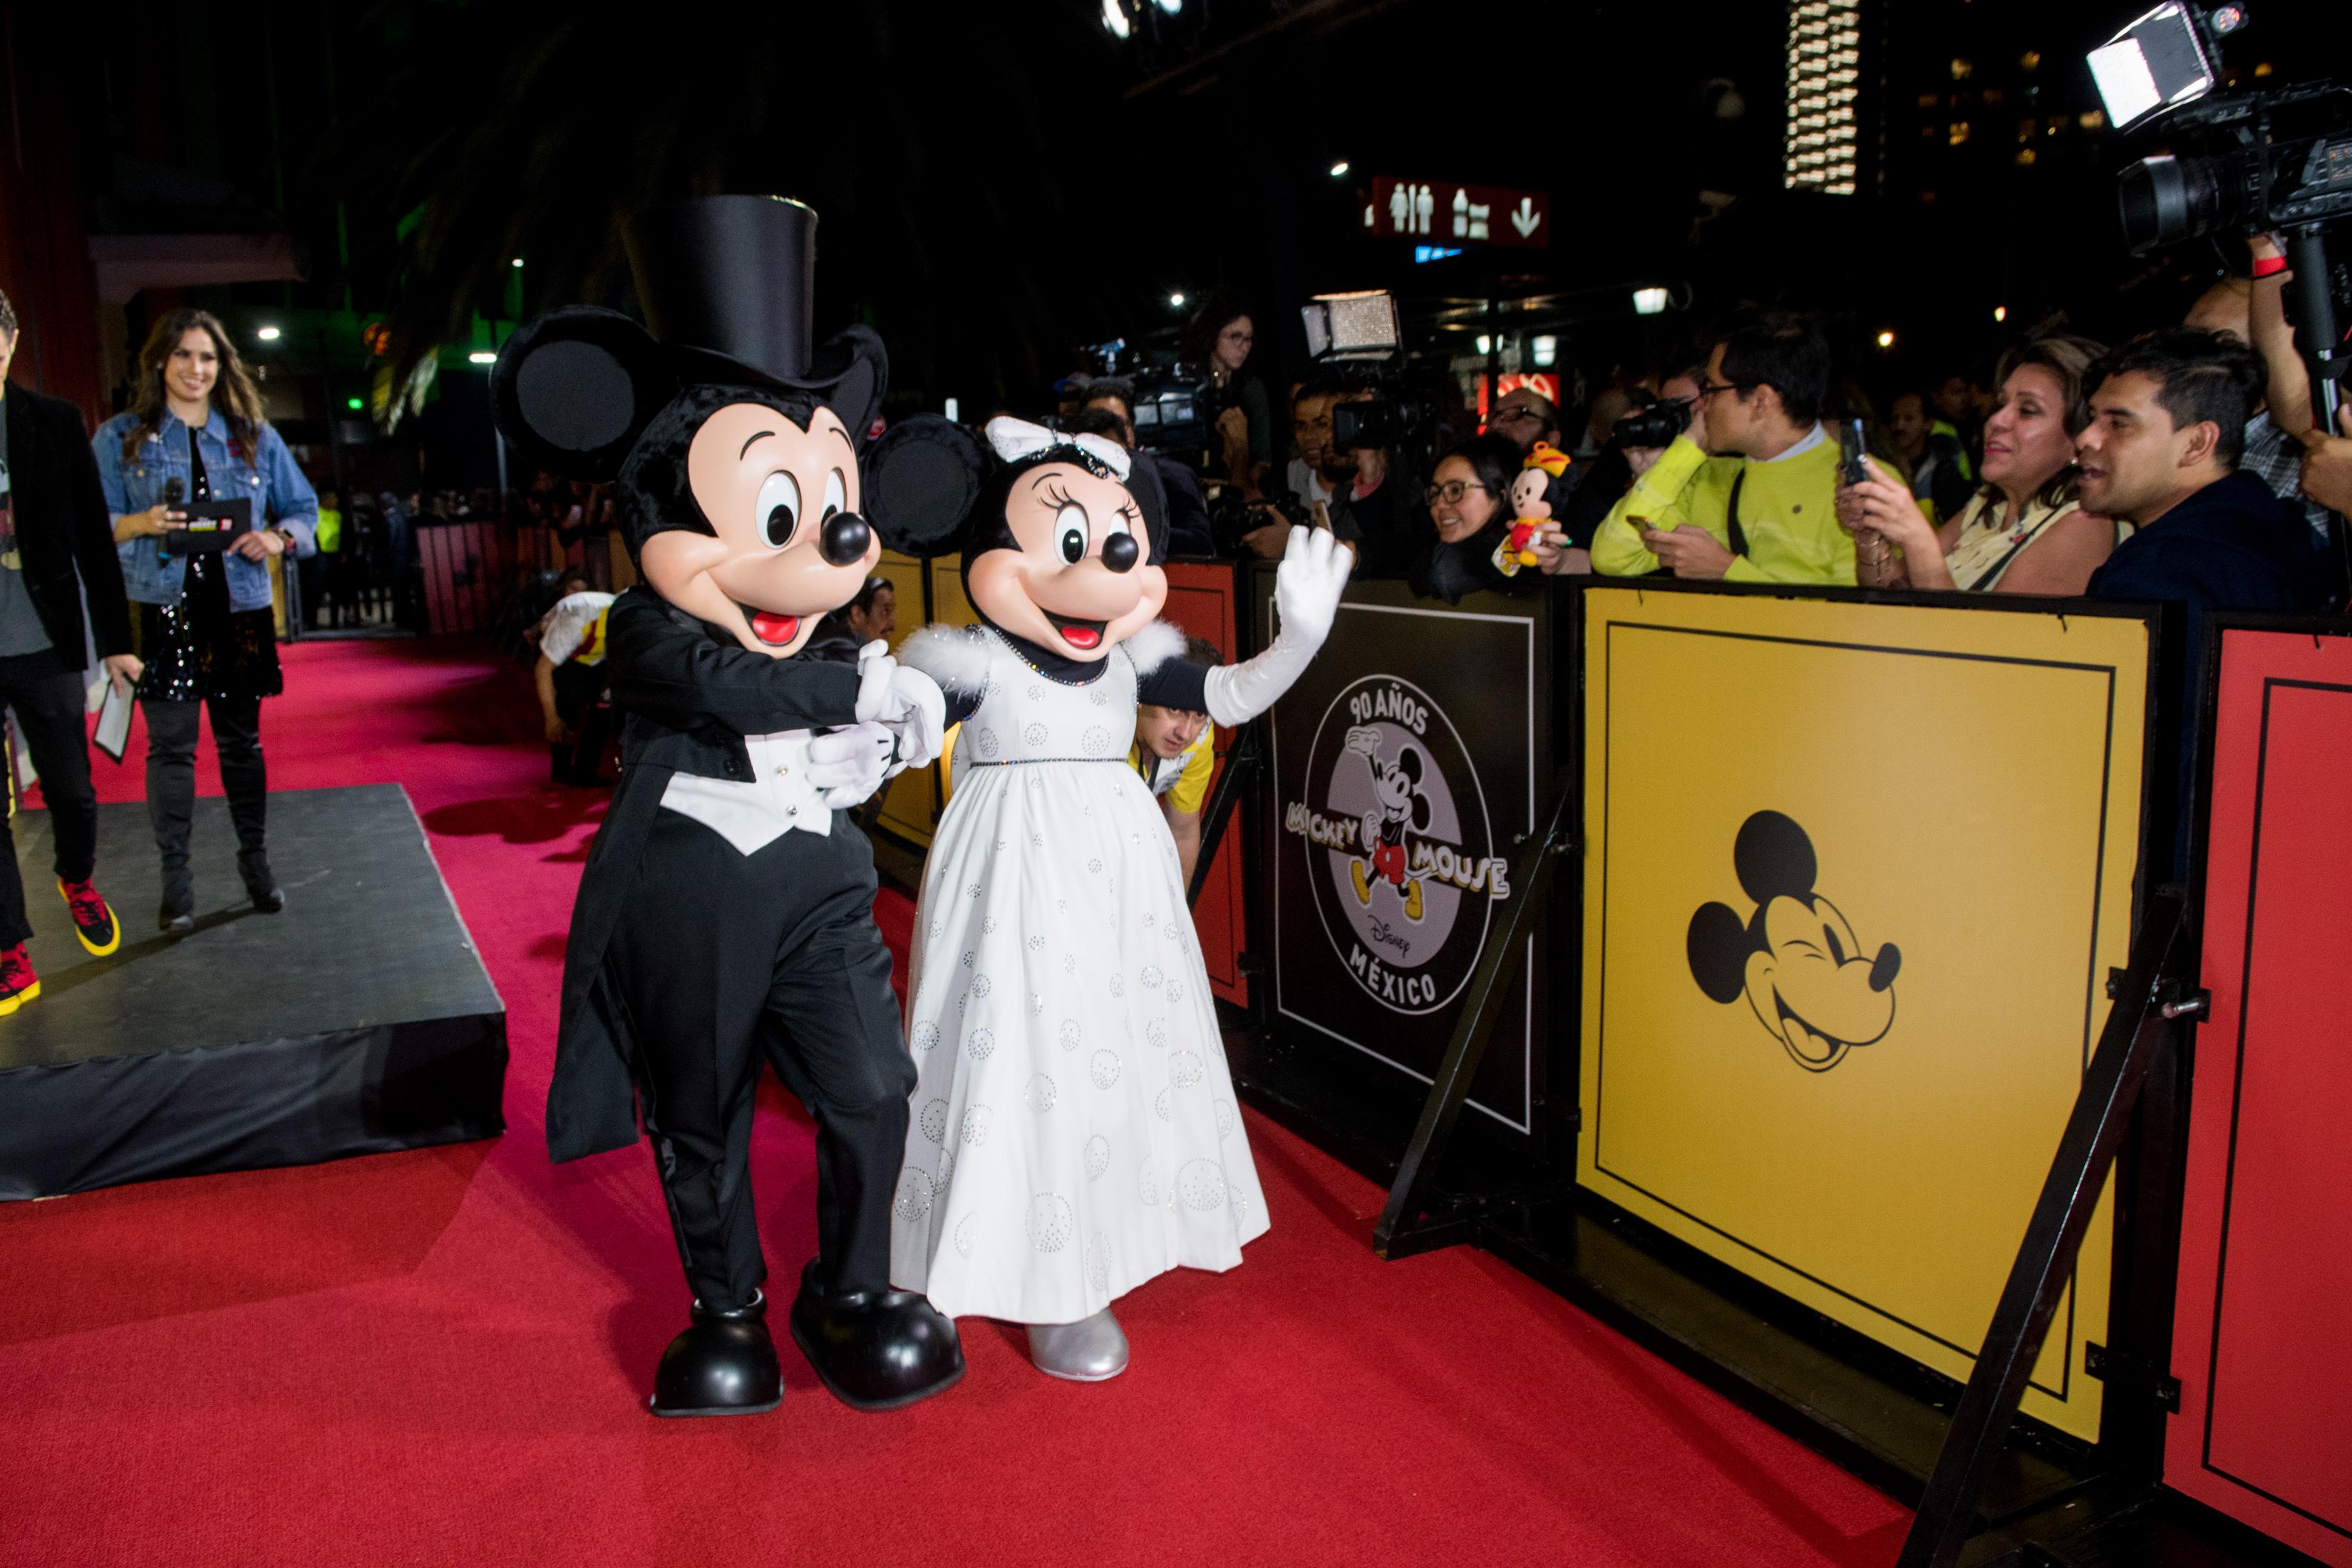 ¡Mickey Mouse festeja su 90 aniversario en CDMX con una gran celebración!